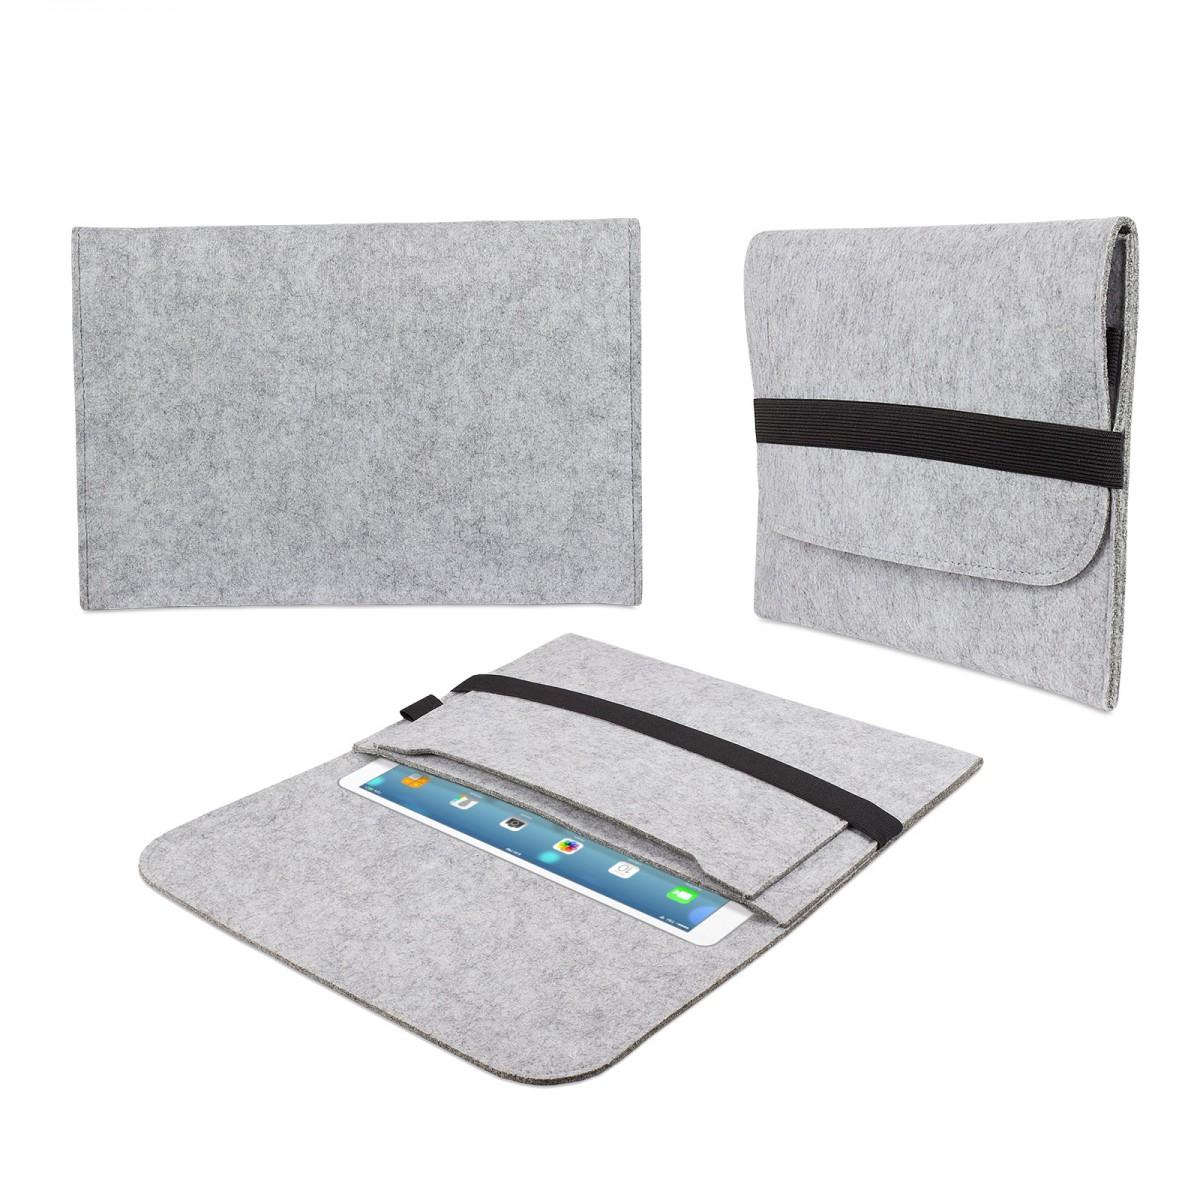 Tasche Für Ipad Pro